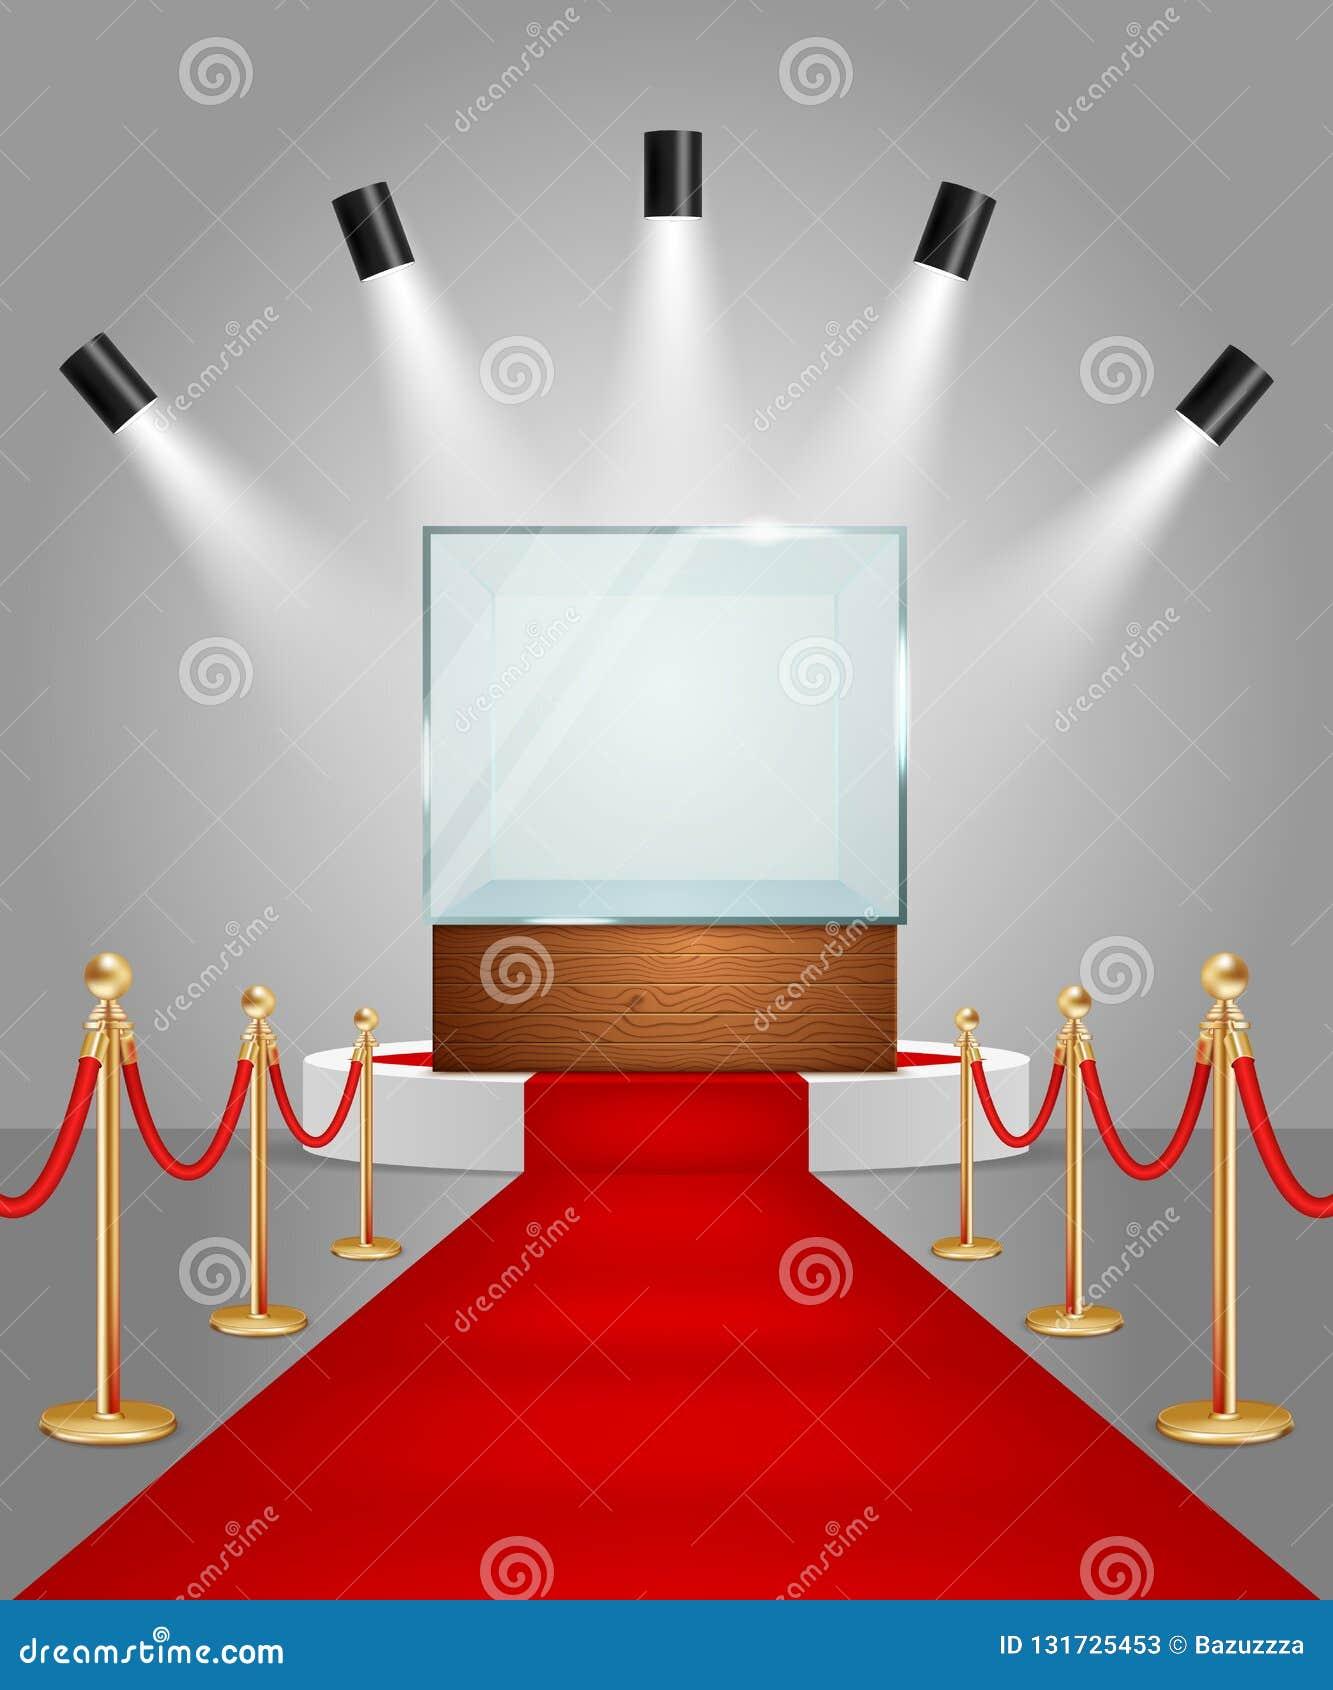 Wektor iluminujący podium z czerwonym chodnikiem i gablotą wystawową